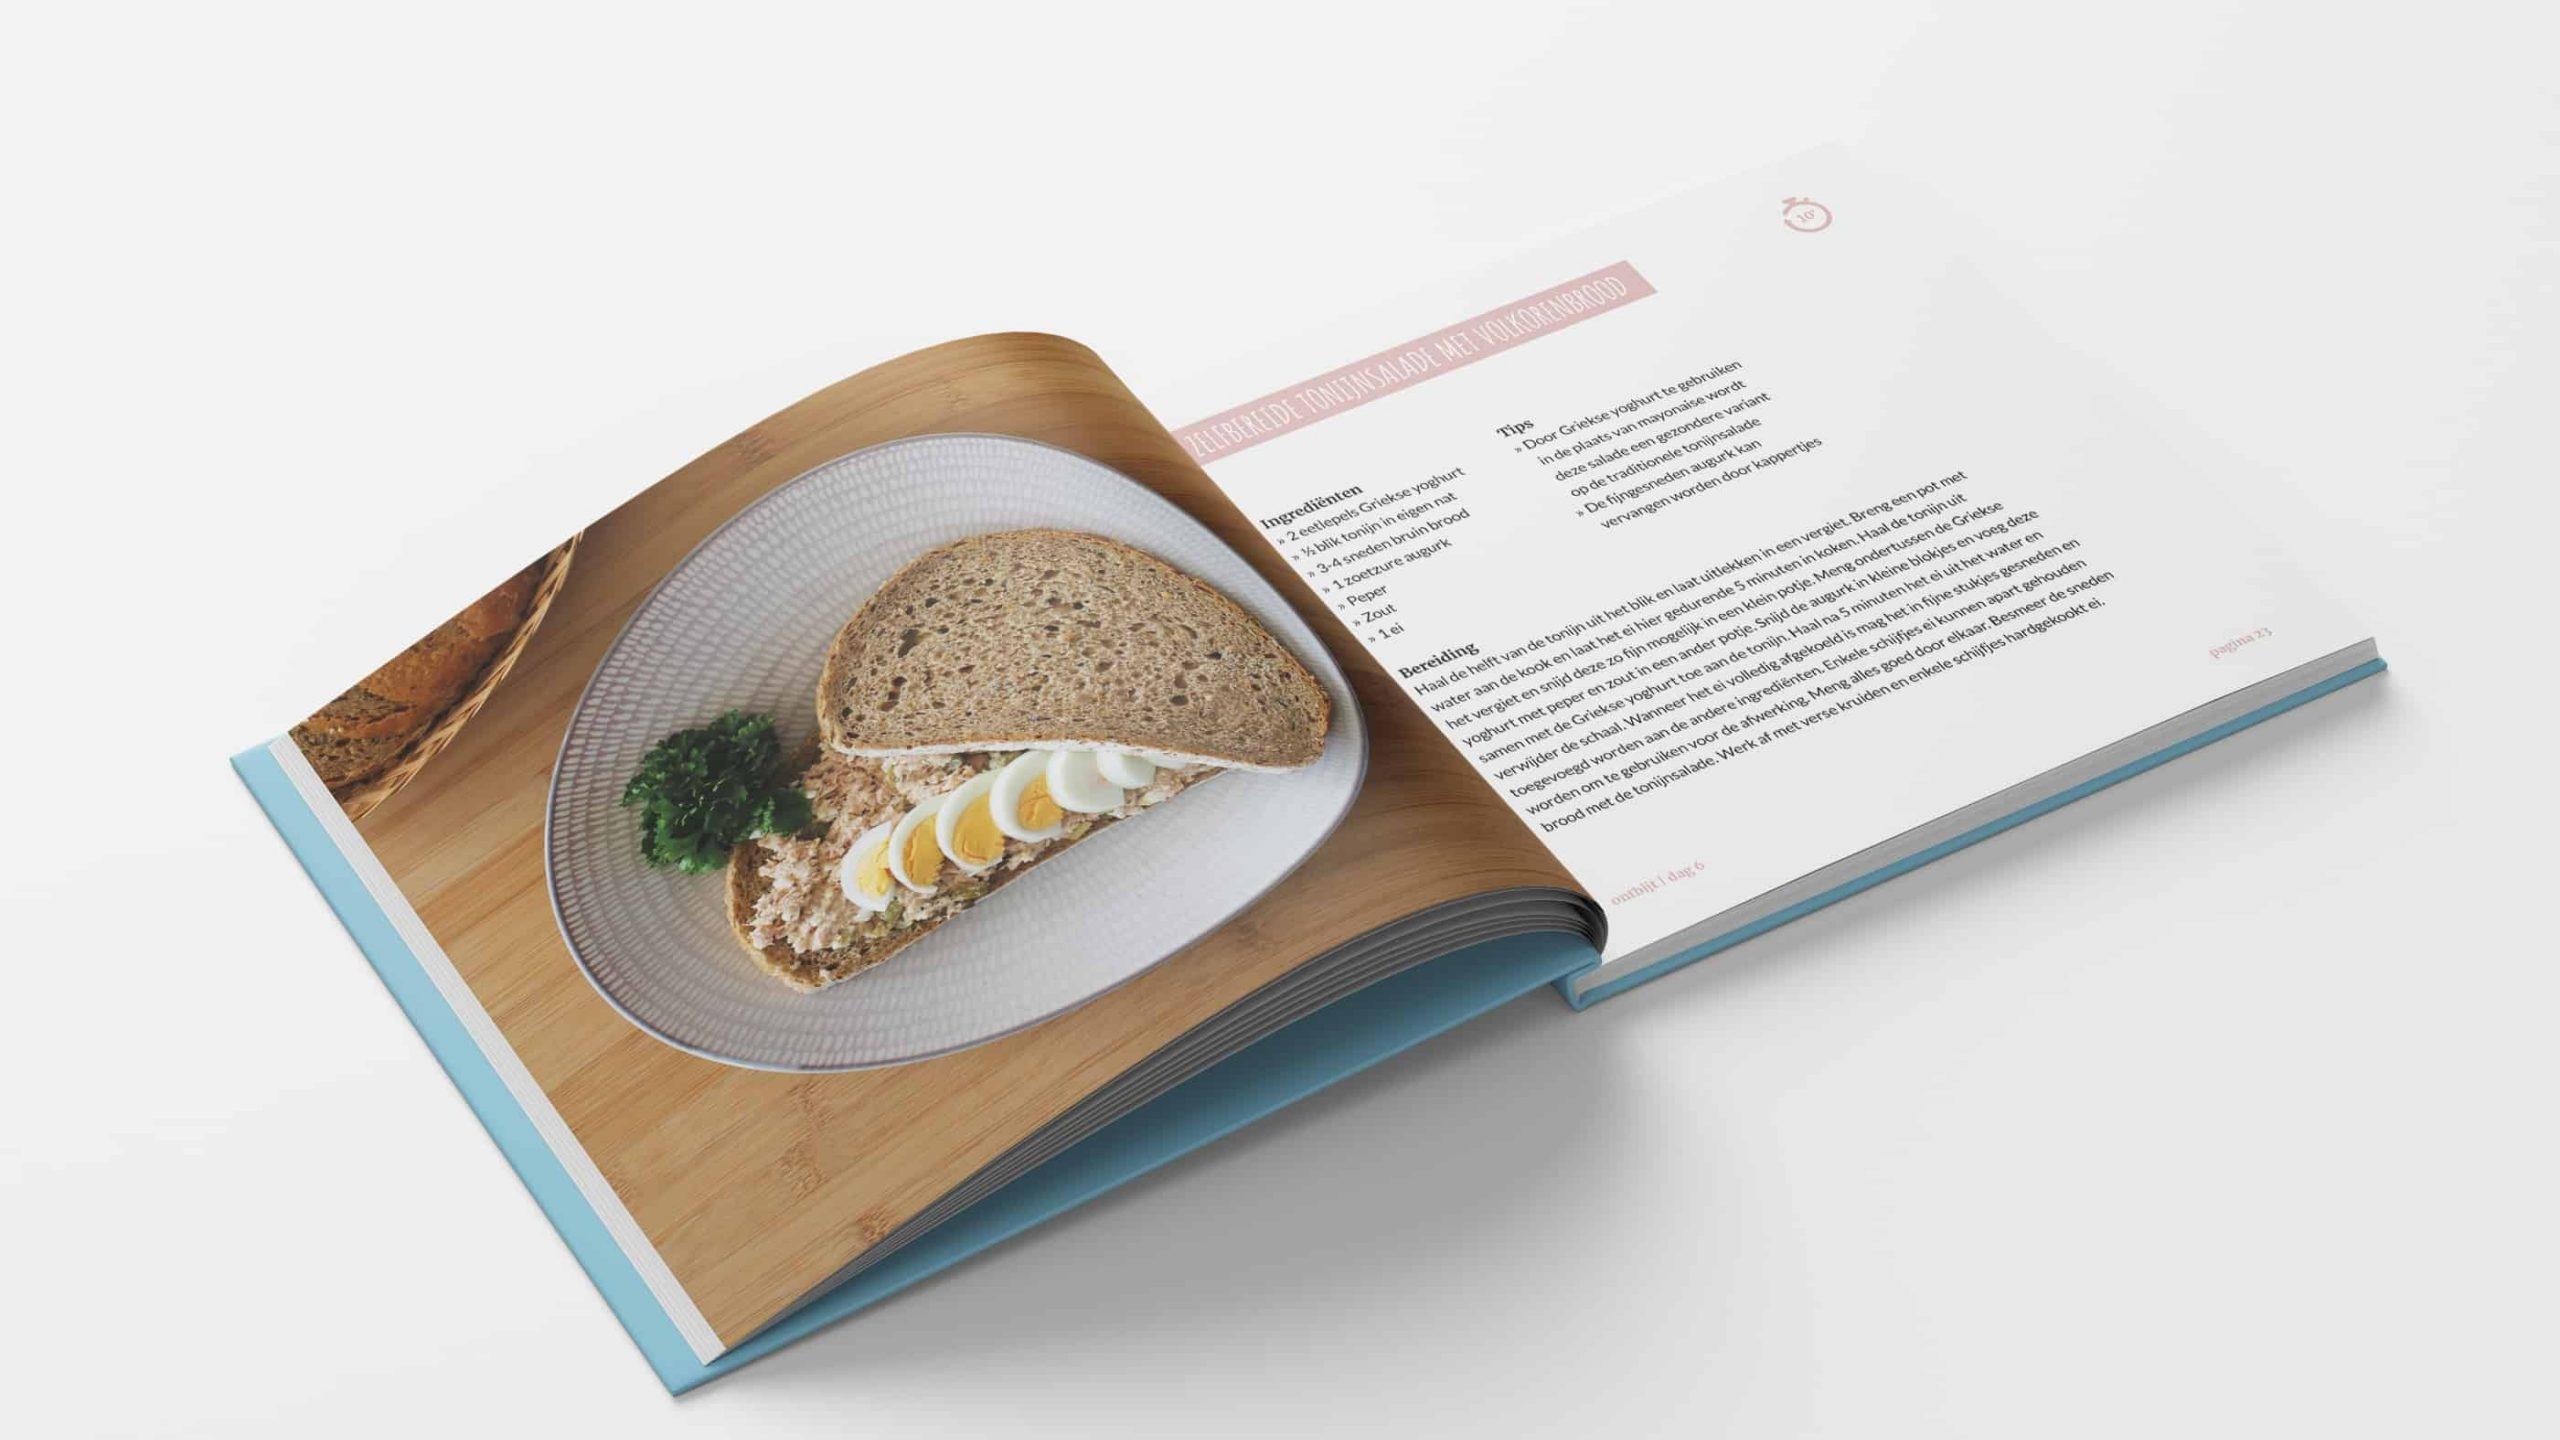 Larkom Gewoonweg Lekker kookboek render 00003 scaled